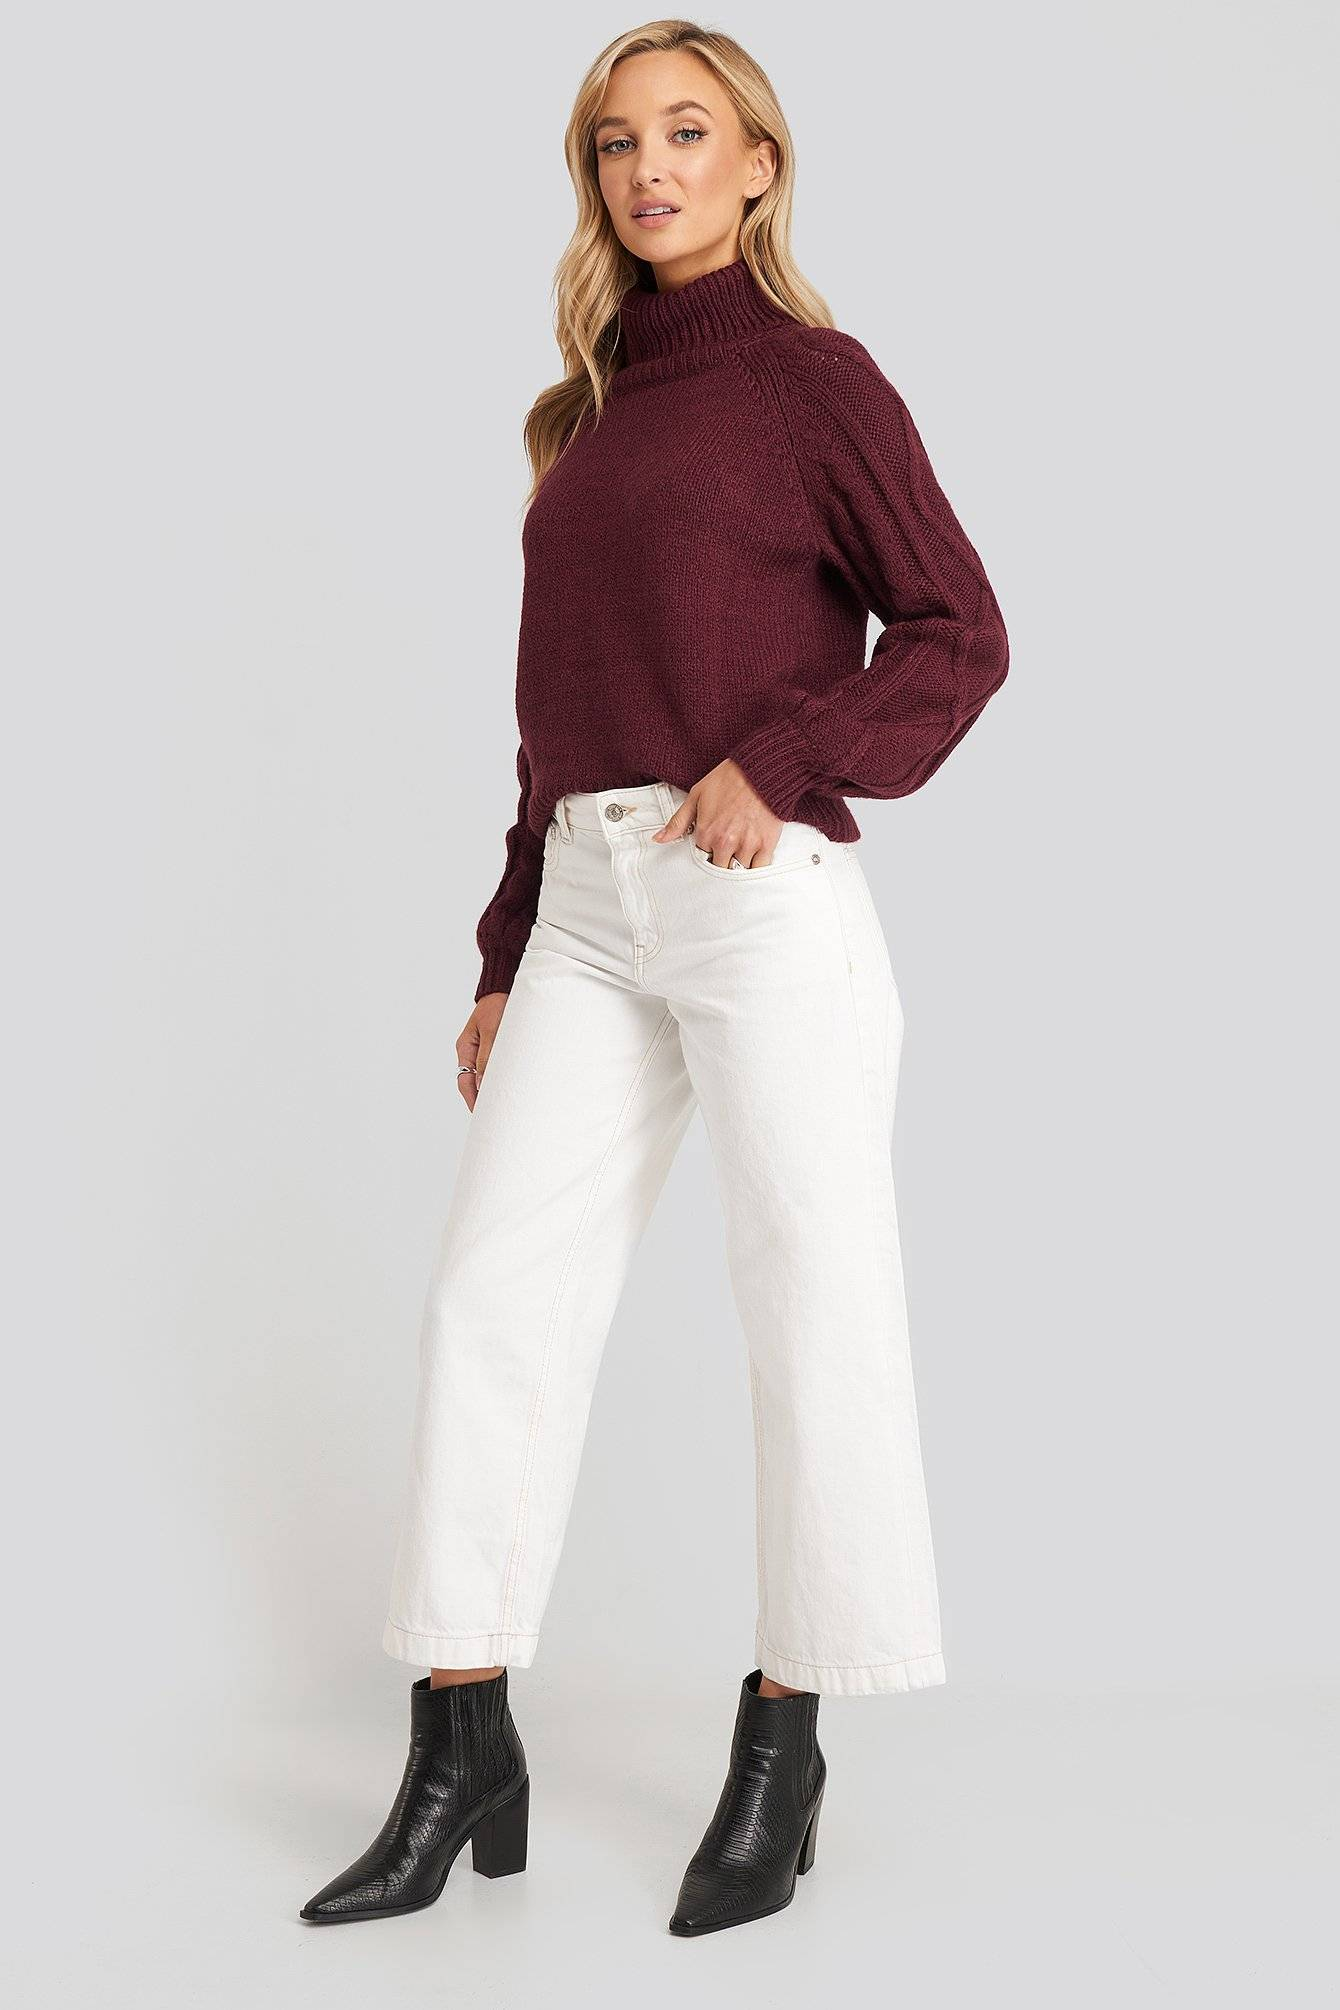 MANGO Culotte Jeans - White  - Size: EU 32,EU 34,EU 36,EU 38,EU 40